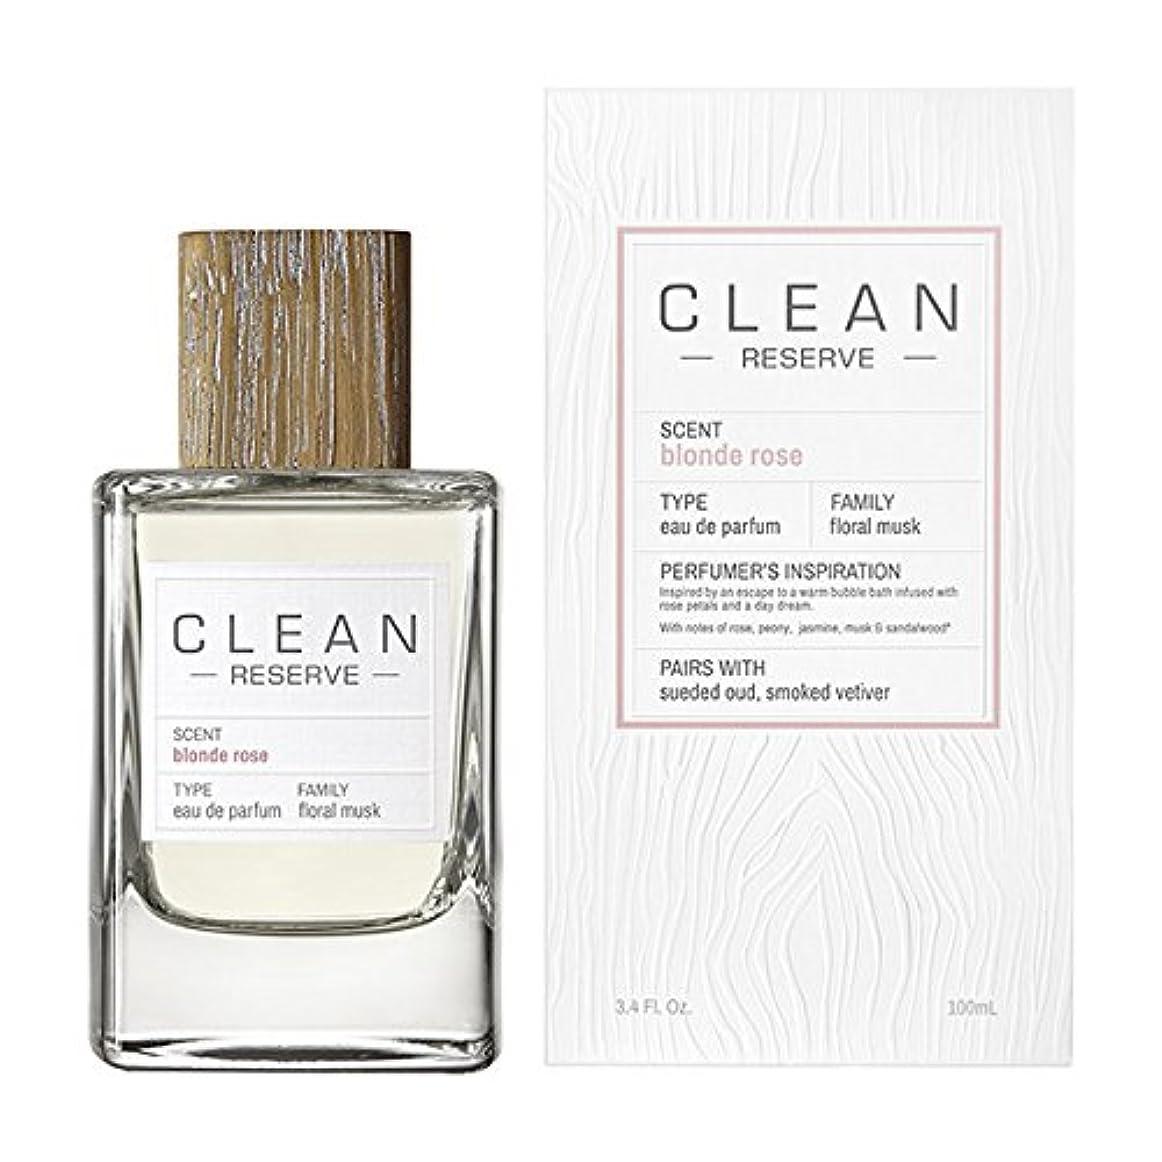 コミットメント第三熟読◆【CLEAN】Unisex香水◆クリーン リザーブ ブロンドローズ オードパルファムEDP 100ml◆